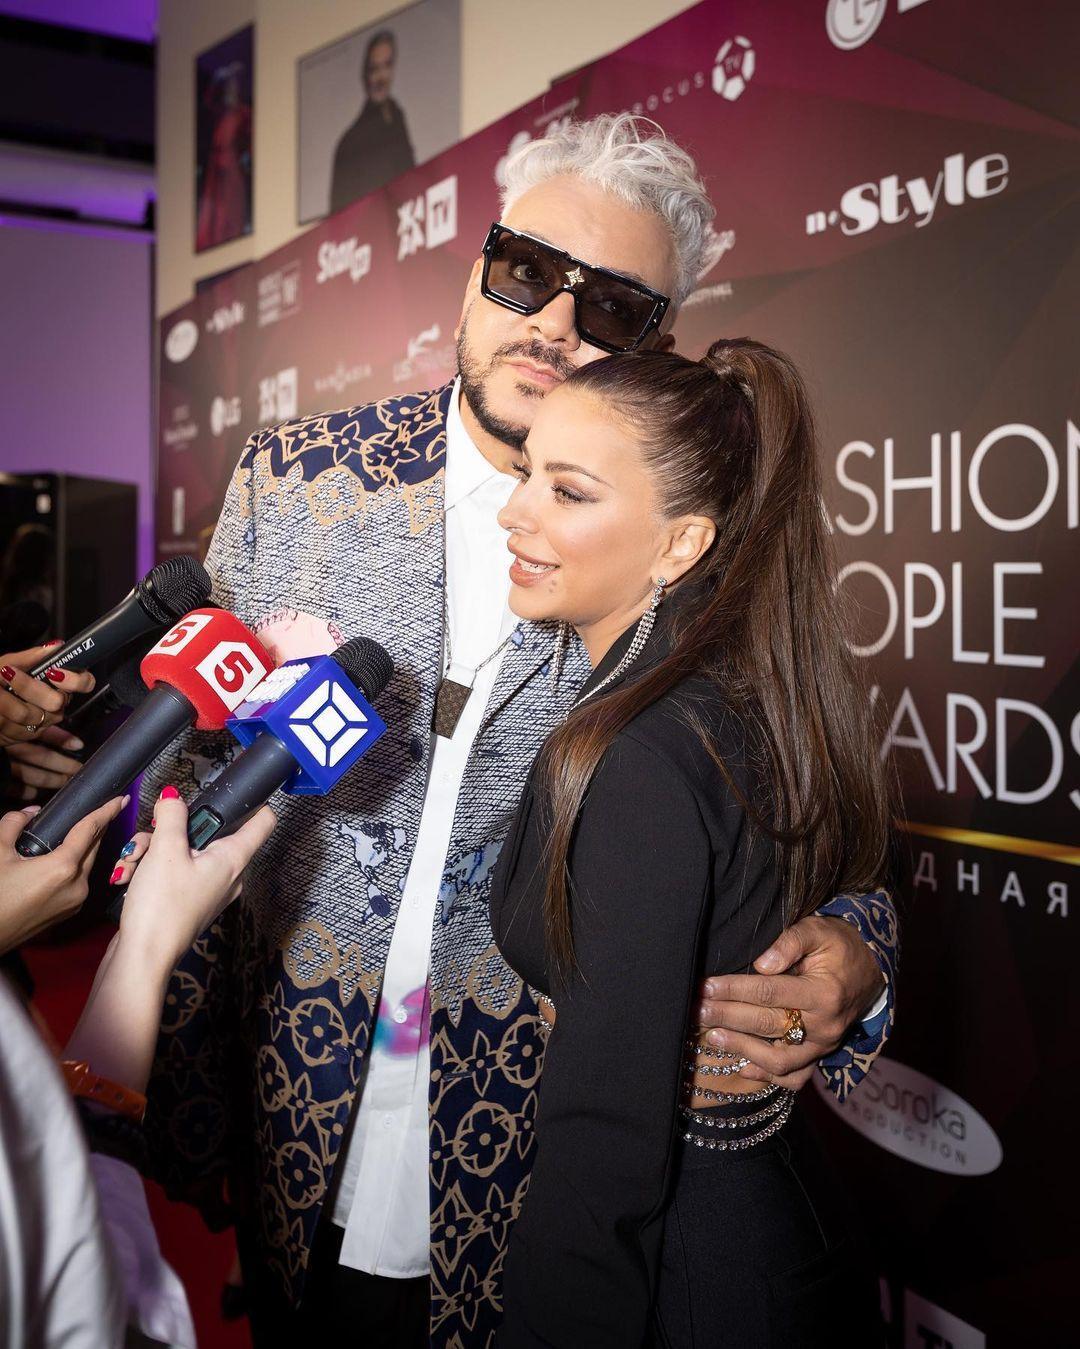 Киркоров с Лорак обнимались на вечеринке / фото instagram.com/fkirkorov